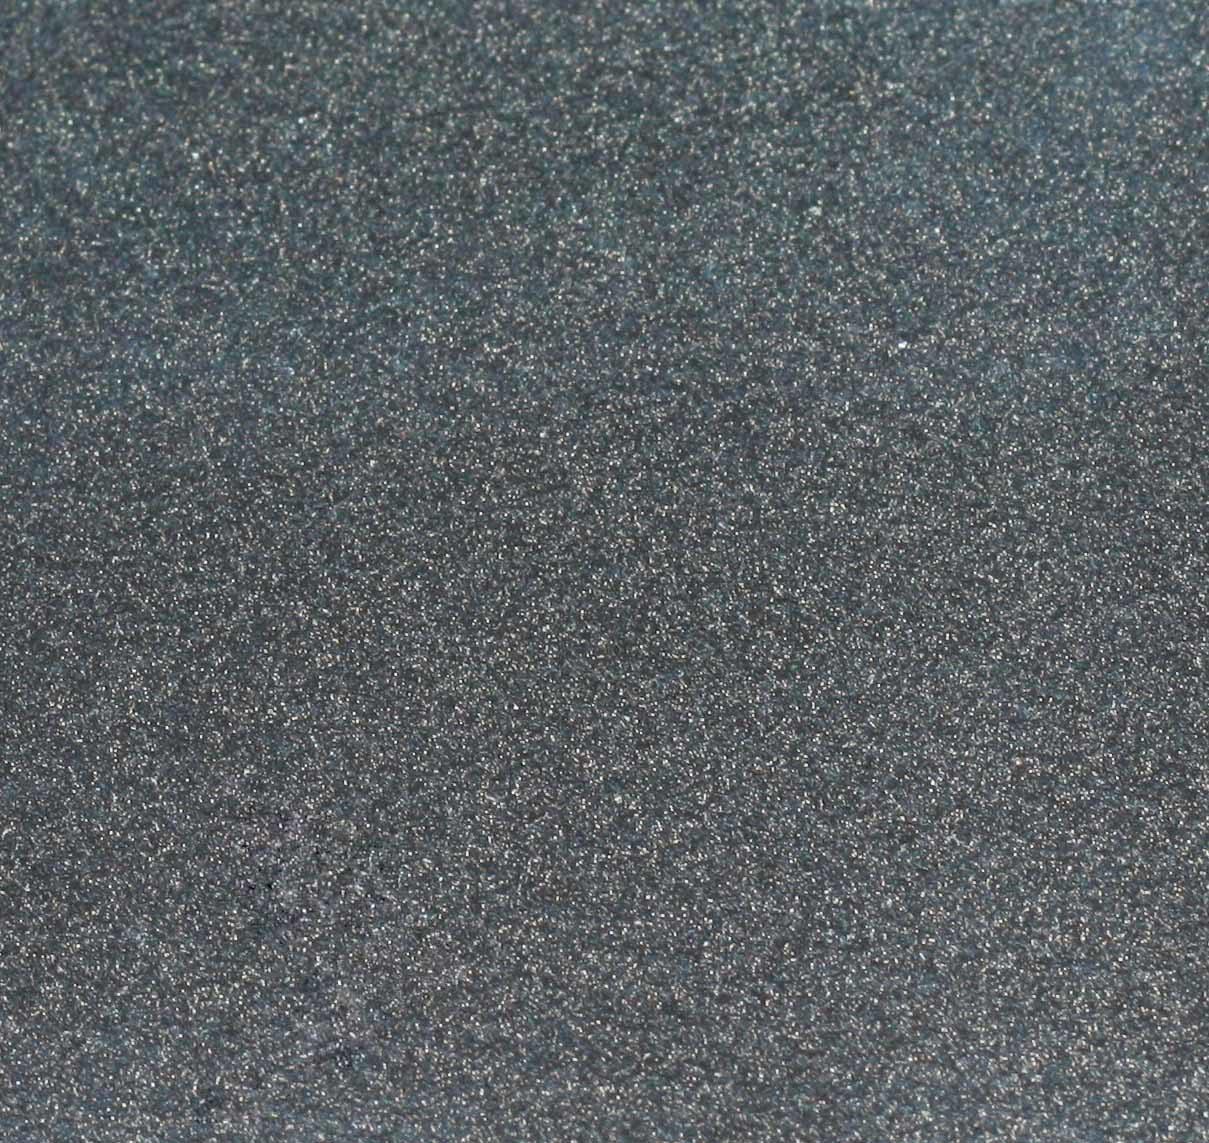 peinture de poudre d 39 effet de texture dans divers des. Black Bedroom Furniture Sets. Home Design Ideas